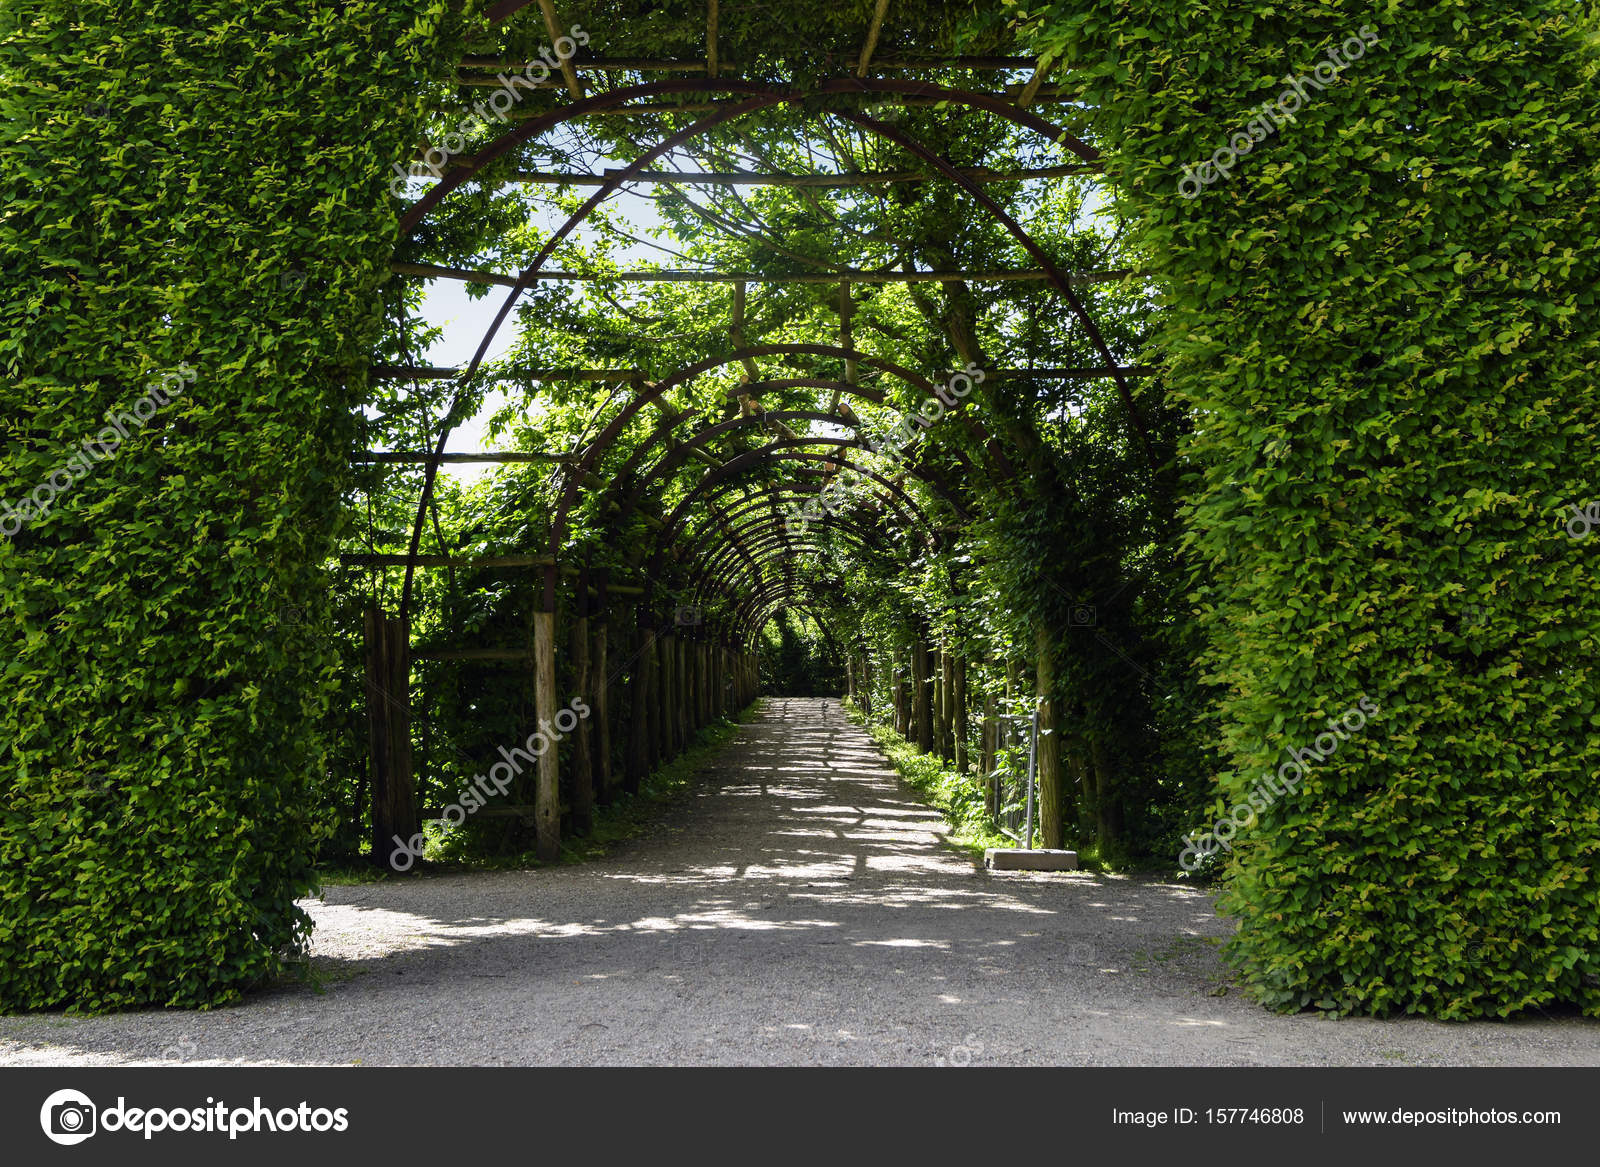 Park Als Tuin : Poort van boek heggen en een begroeide boog pergola als een